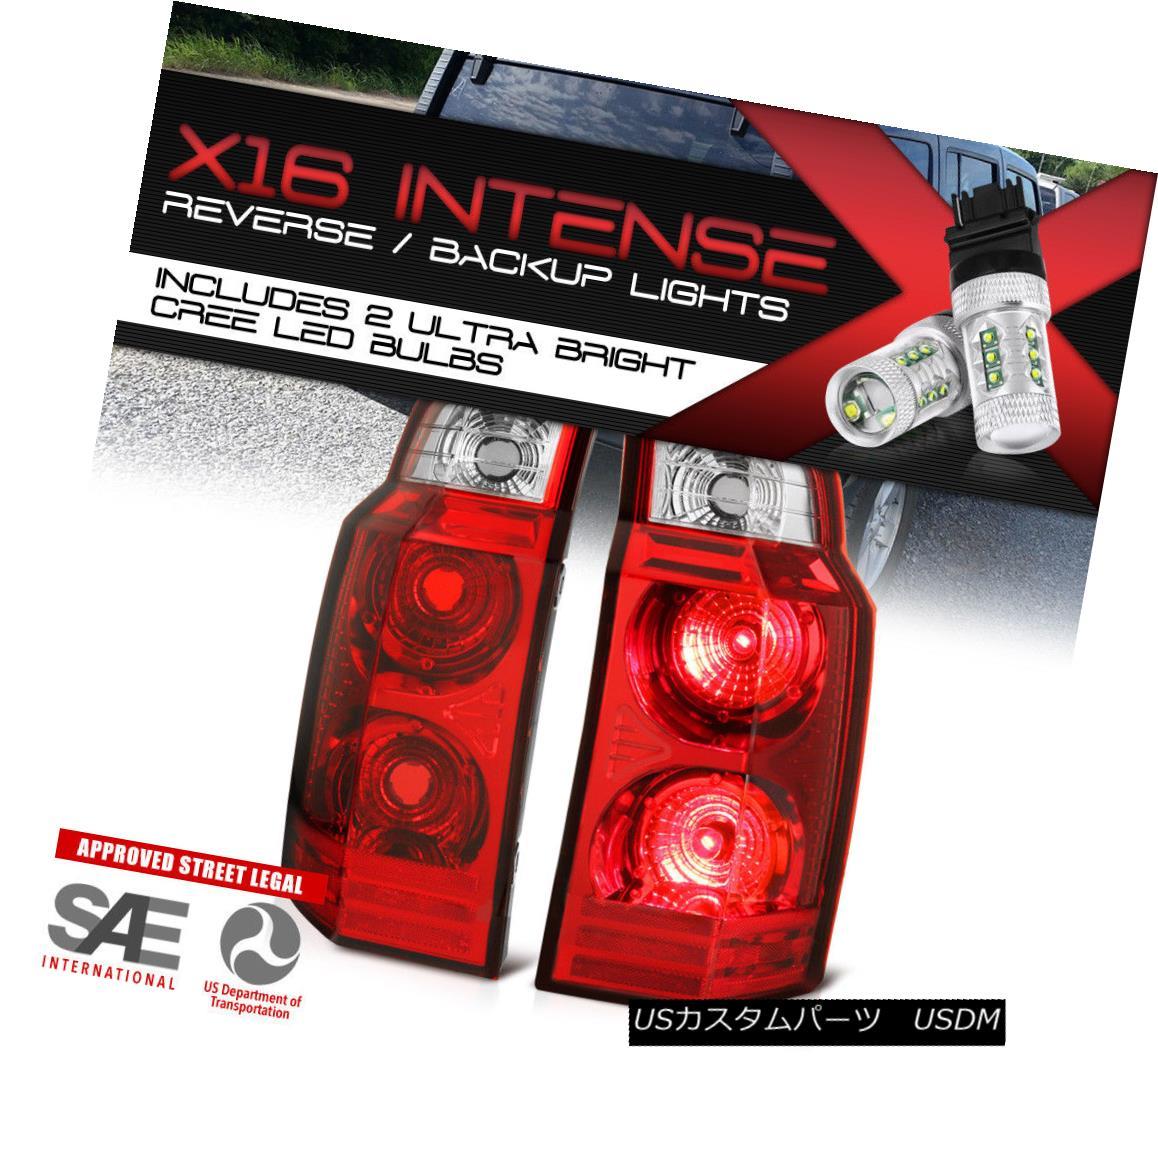 テールライト BRAND NEW !CREE LED REVERSE! Pair Red Tail Lights For 2006-2010 Jeep Commander 新しいブランド!CREE LED REVERSE! 2006-2010ジープコマンダーのレッドテールライトペア